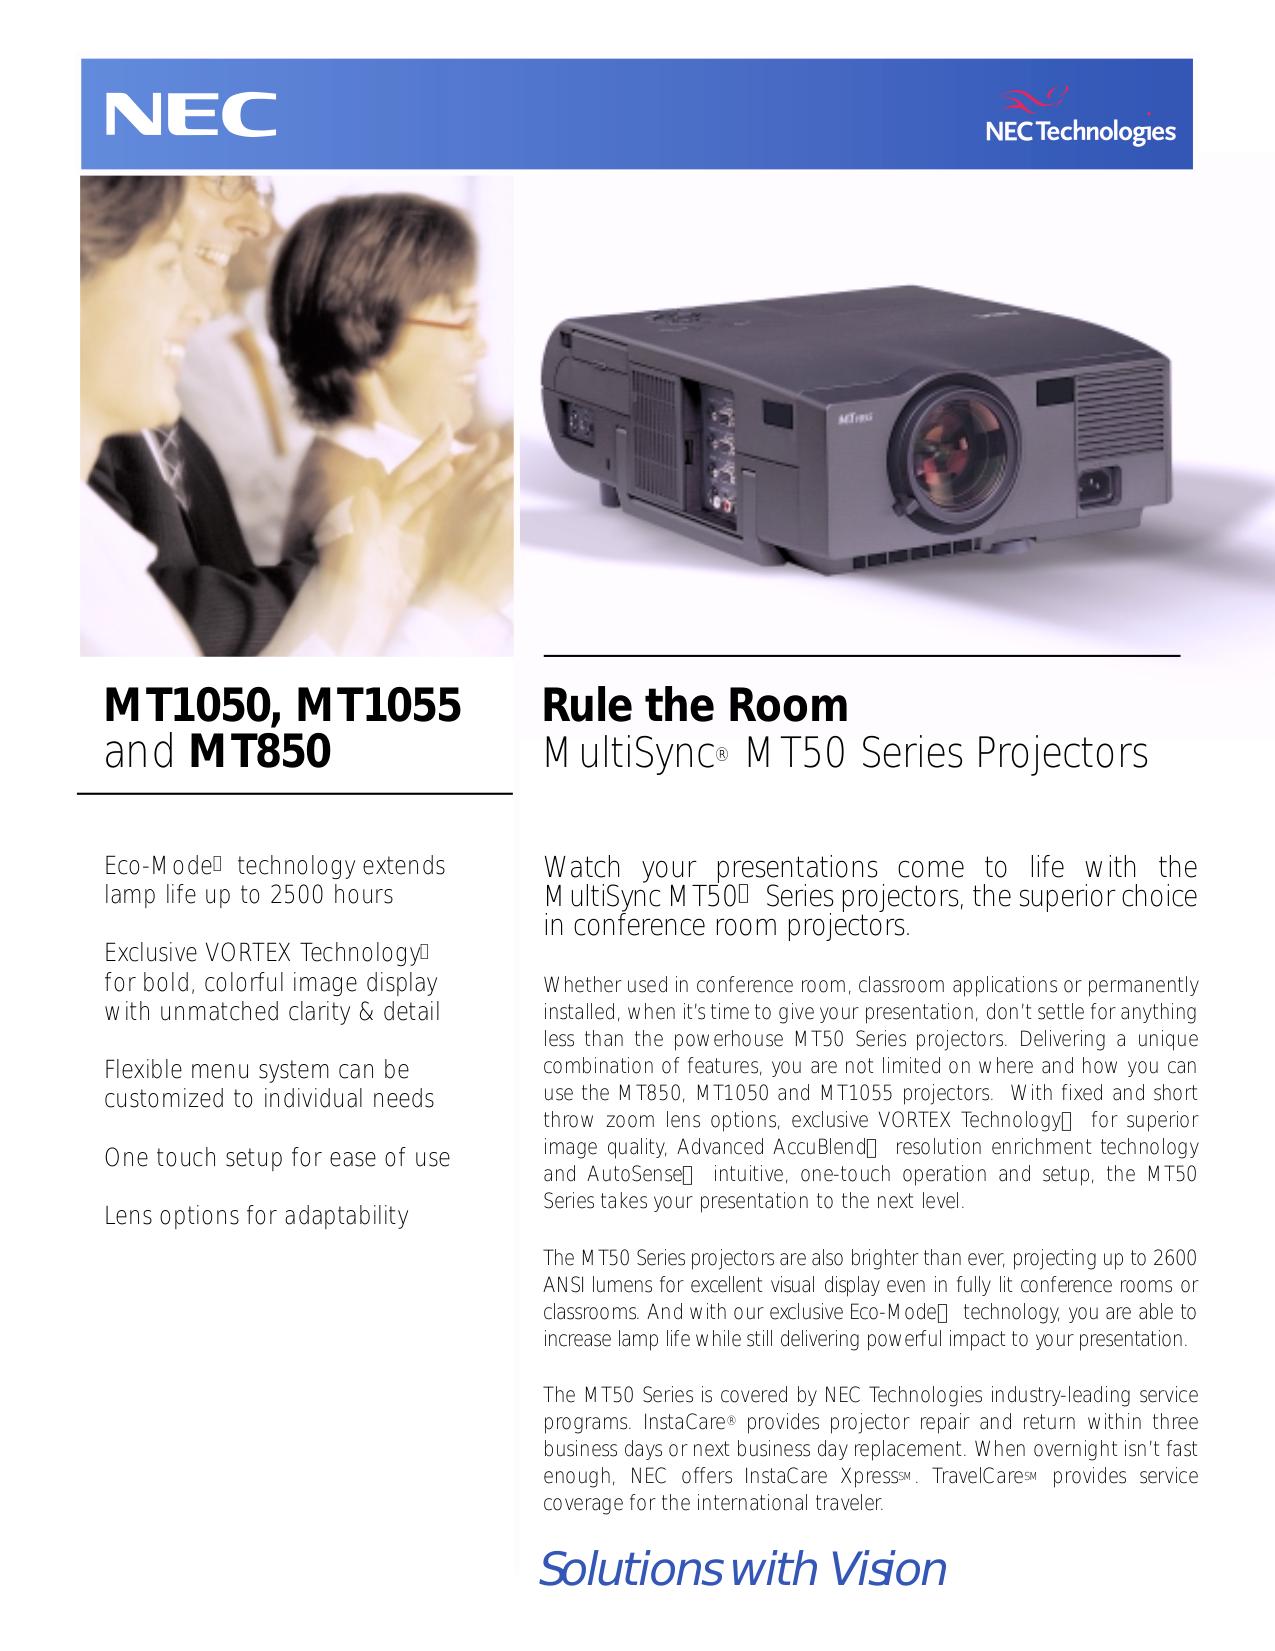 download free pdf for nec mt1050 projector manual rh umlib com NEC Projectors Offical Web Site NEC LT380 Projector Manual PDF